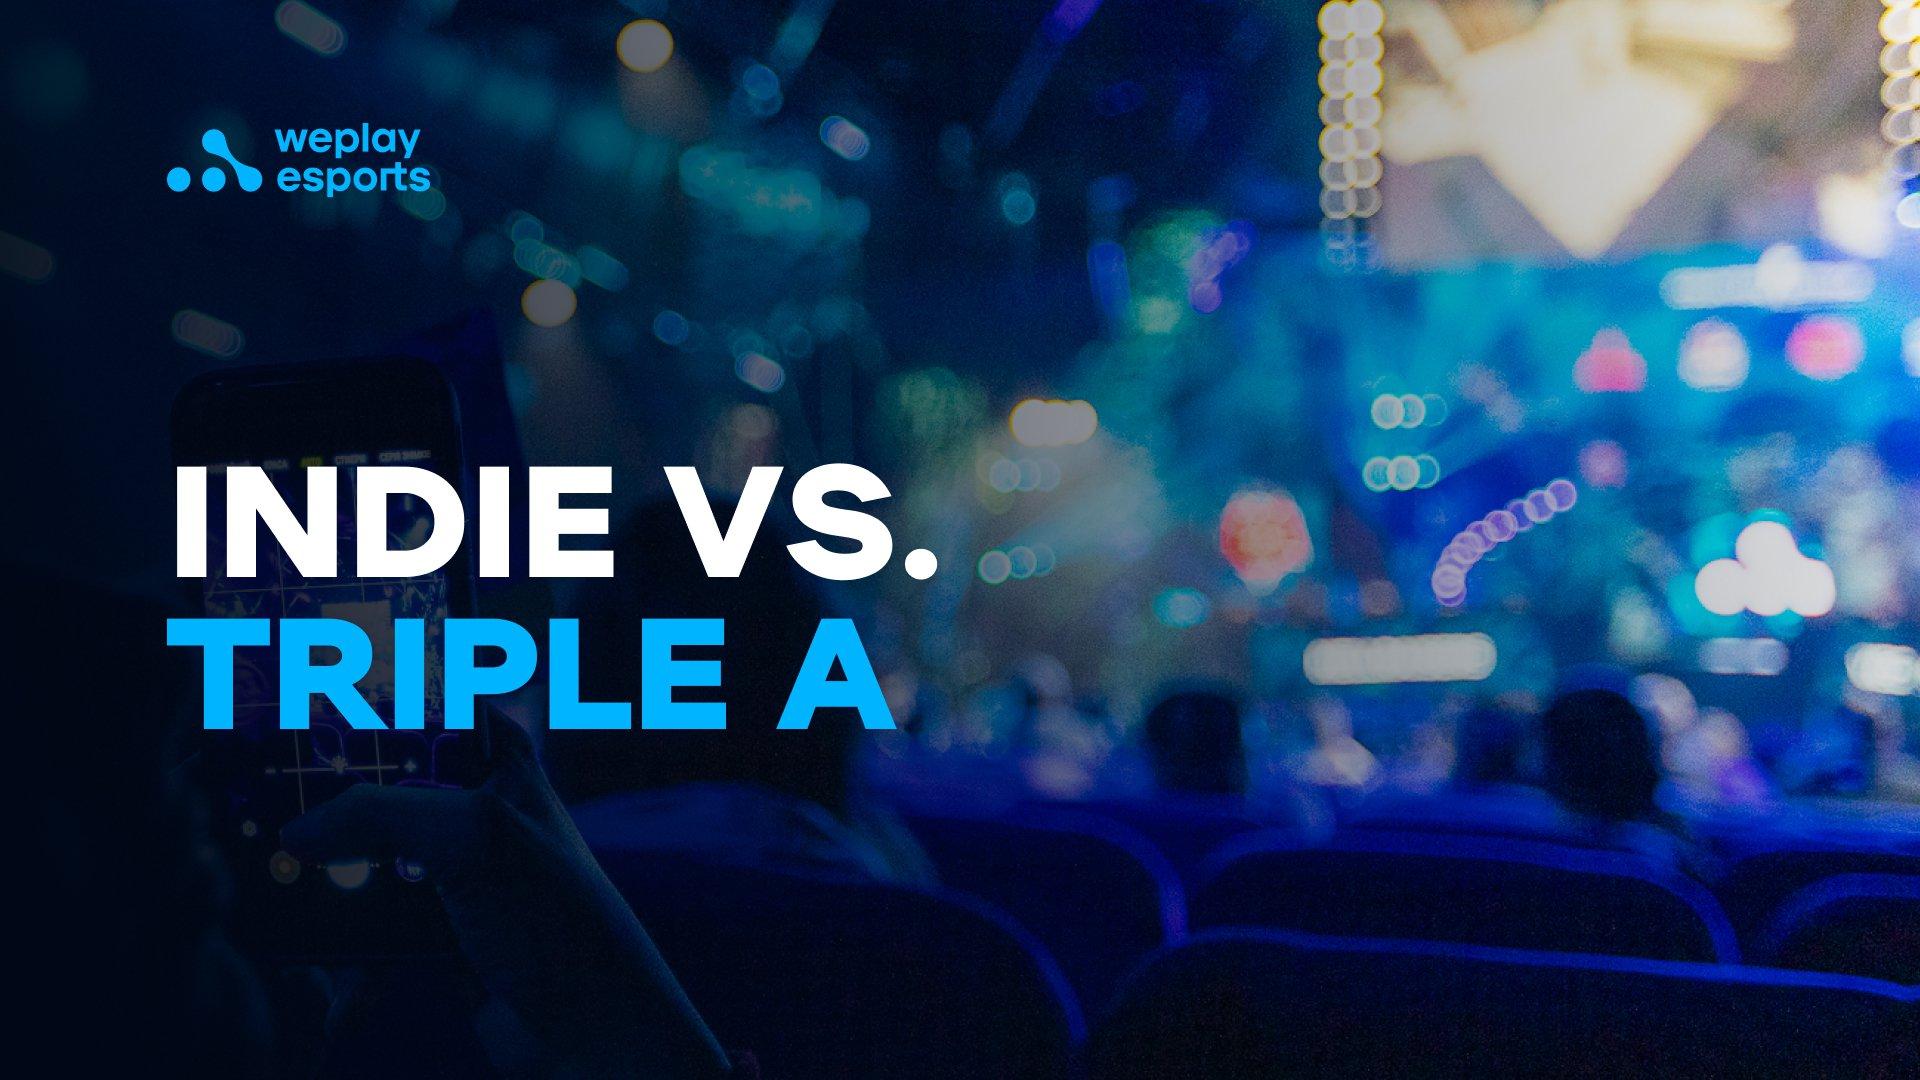 Indie vs. Triple A